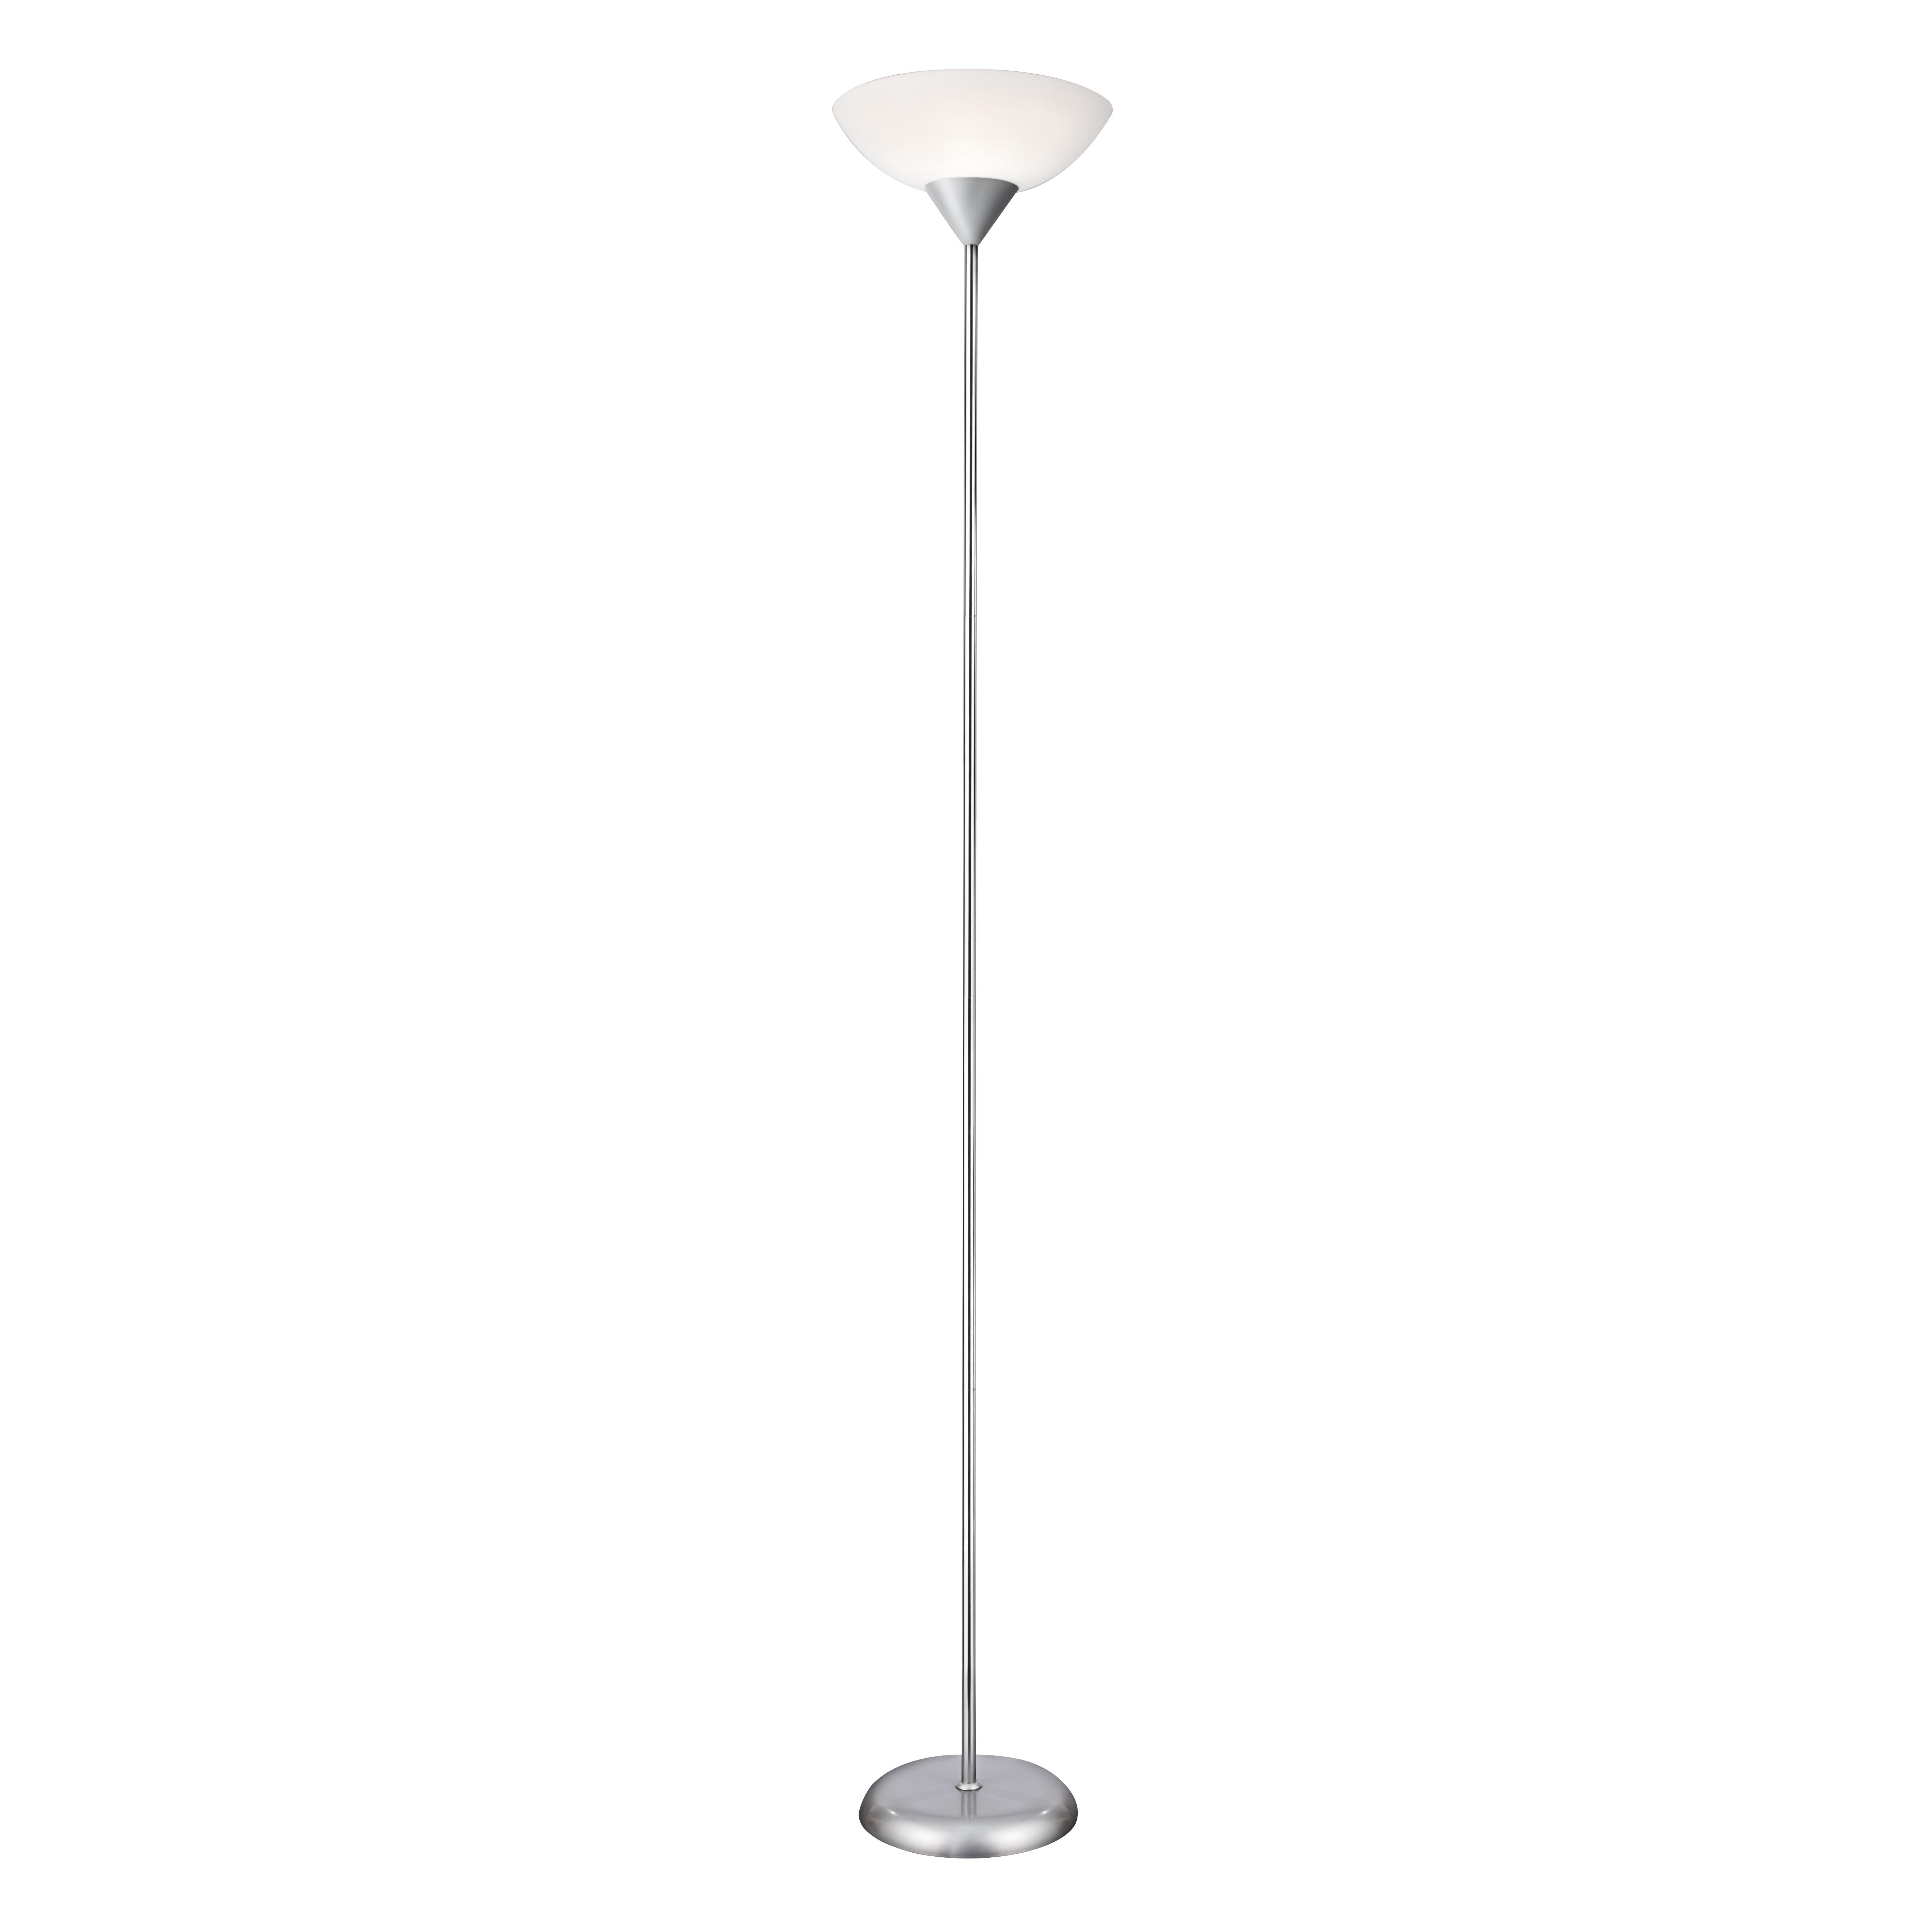 Торшер Arte lamp A9569pn-1si